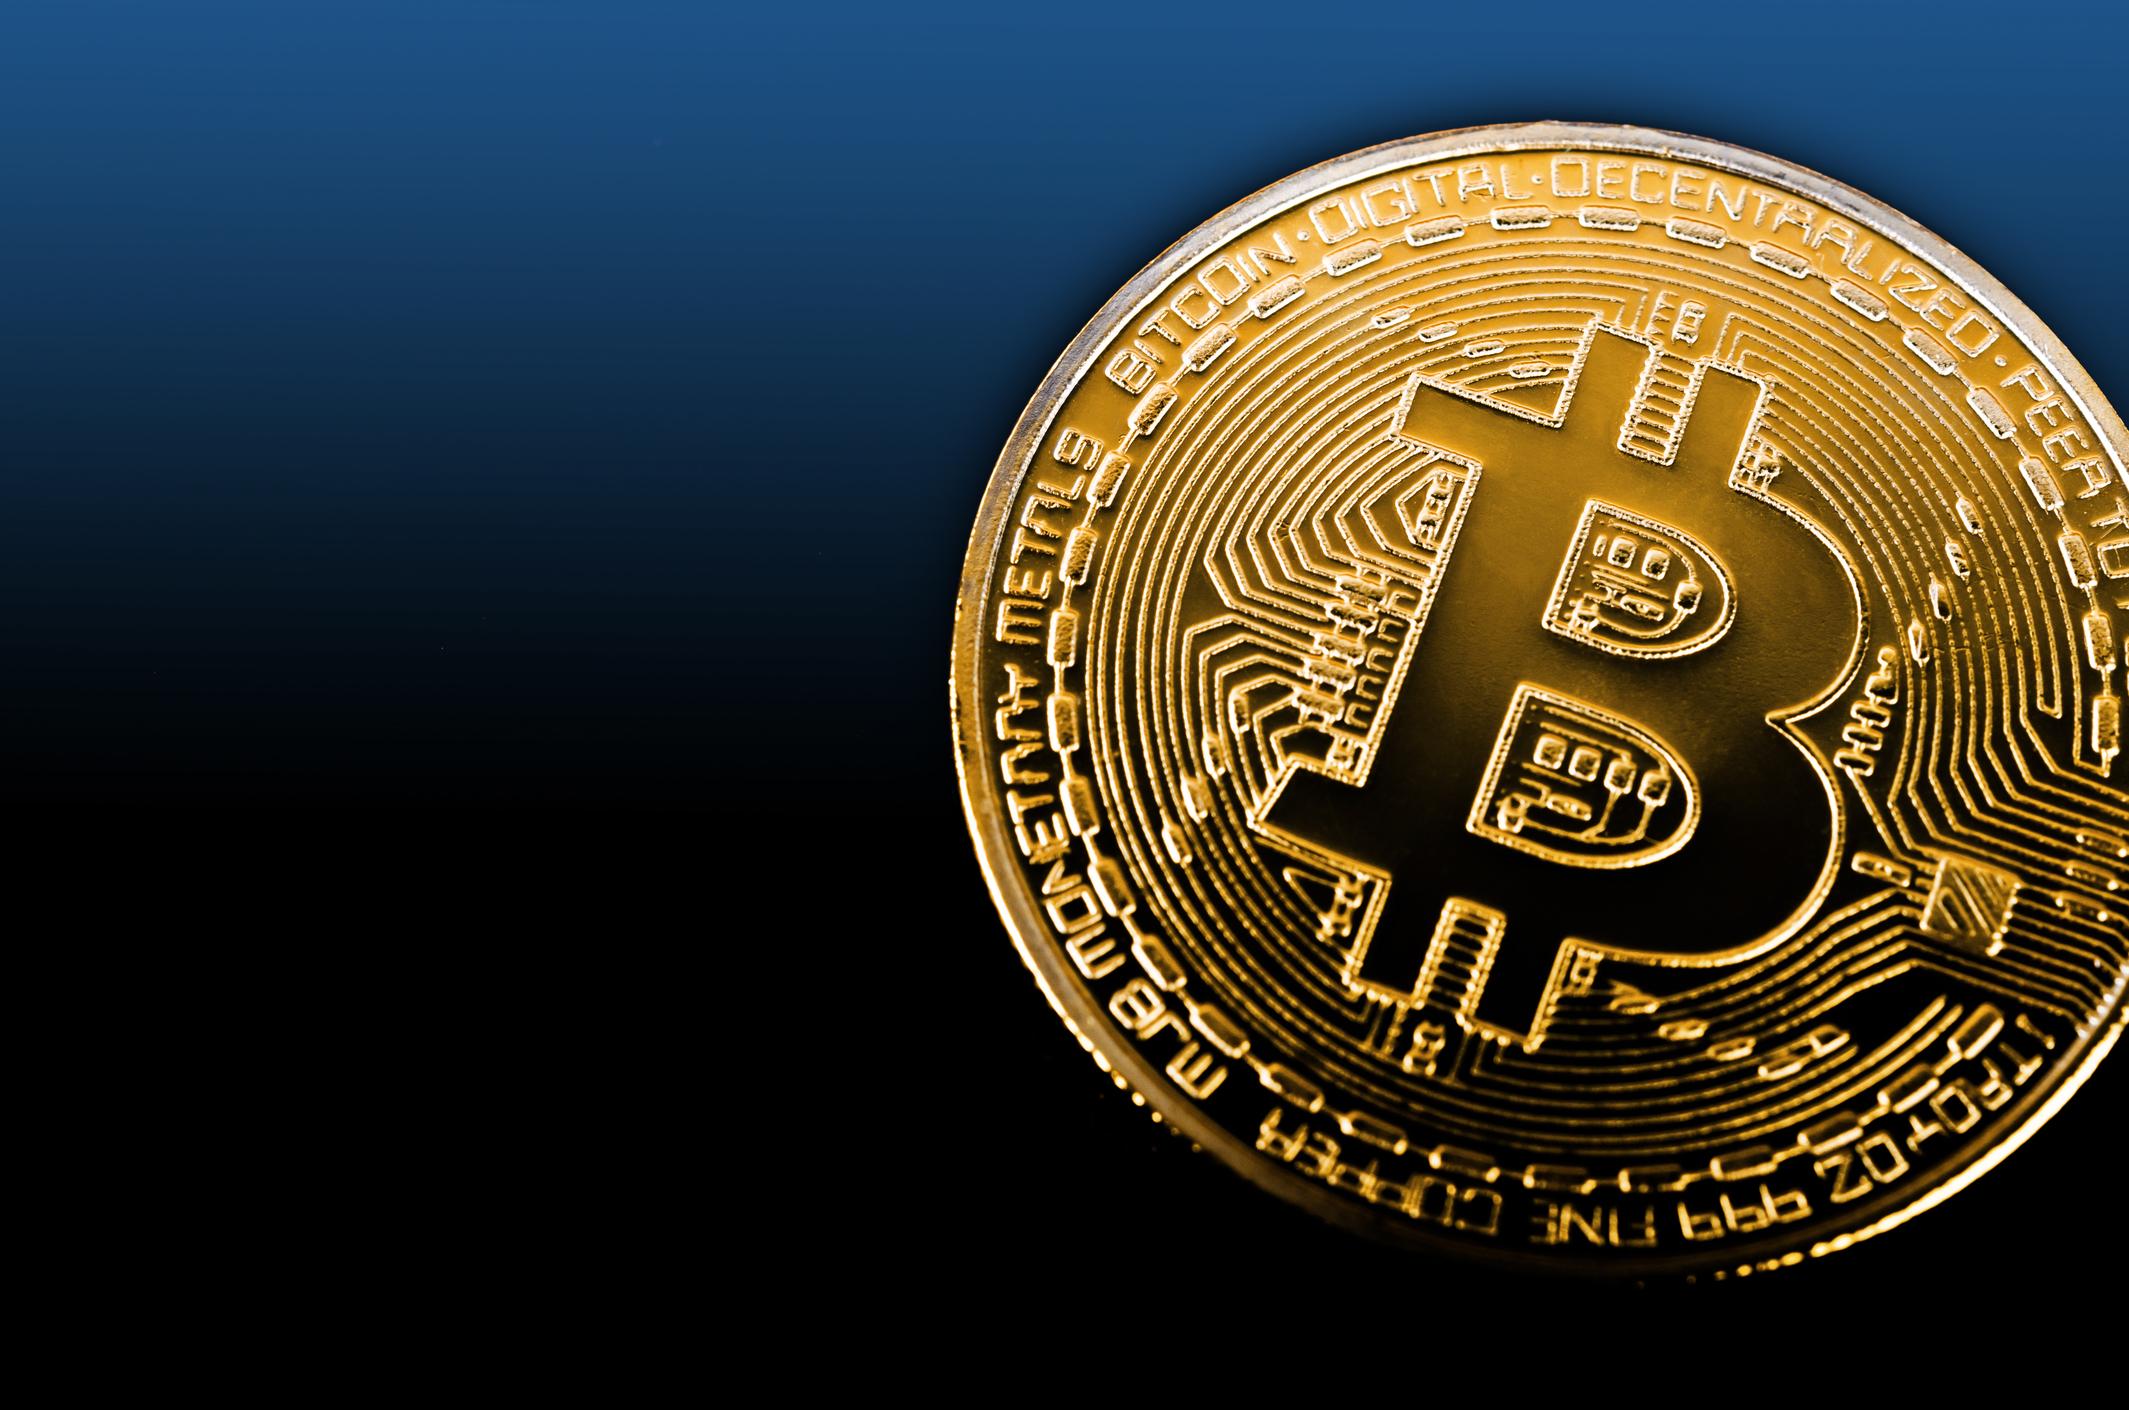 10 éve született a Bitcoin - utajovobe.hu